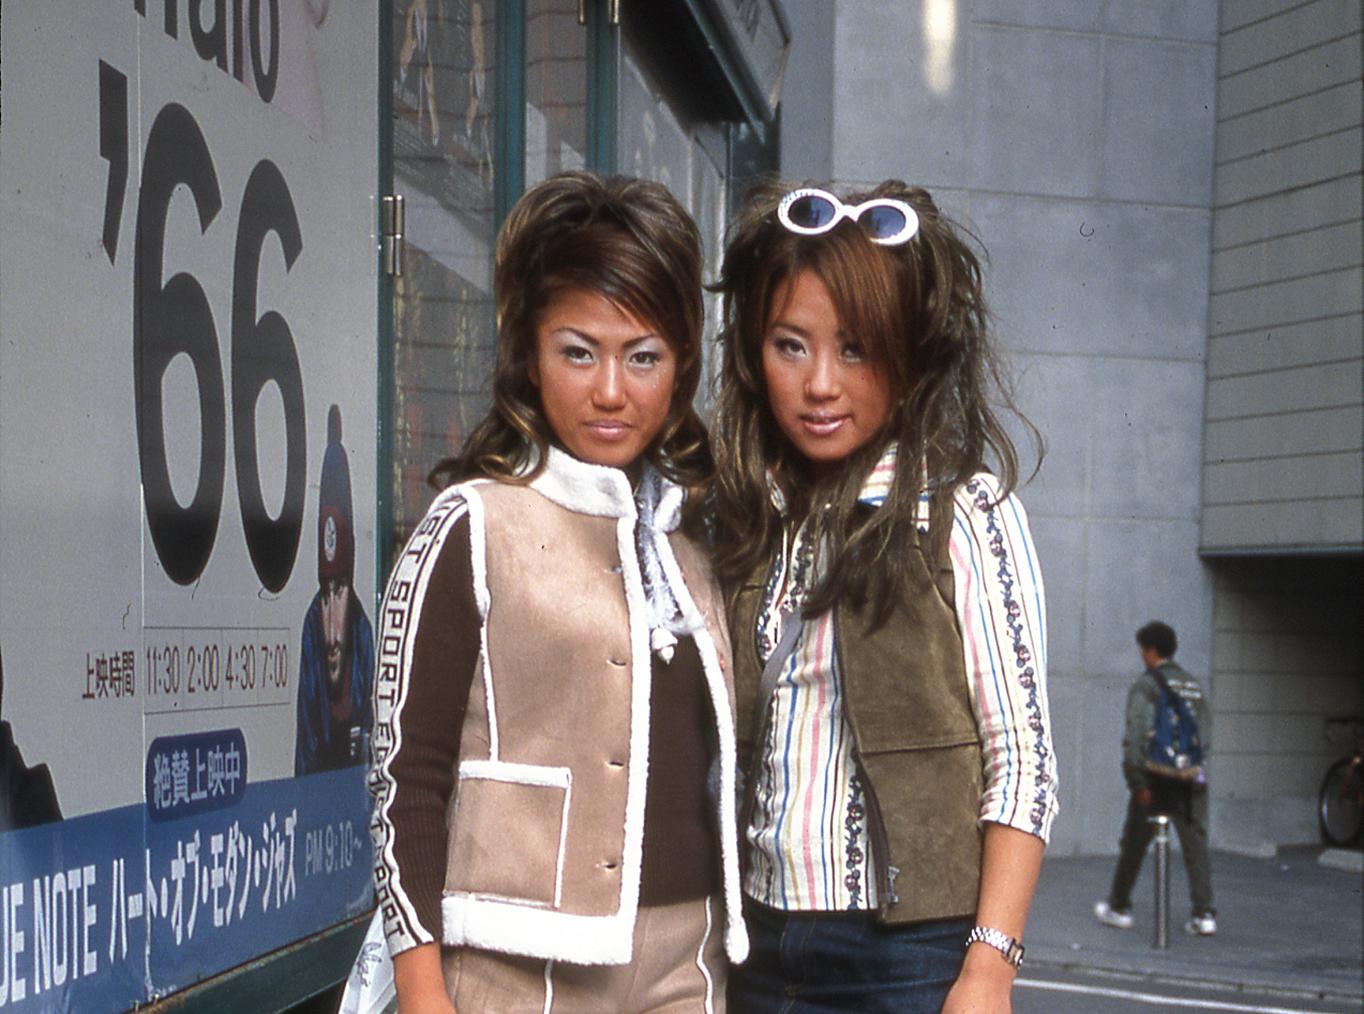 「定点観測」から見た、東京の若者とファッション・カルチャー史 【第2回】 1990年代